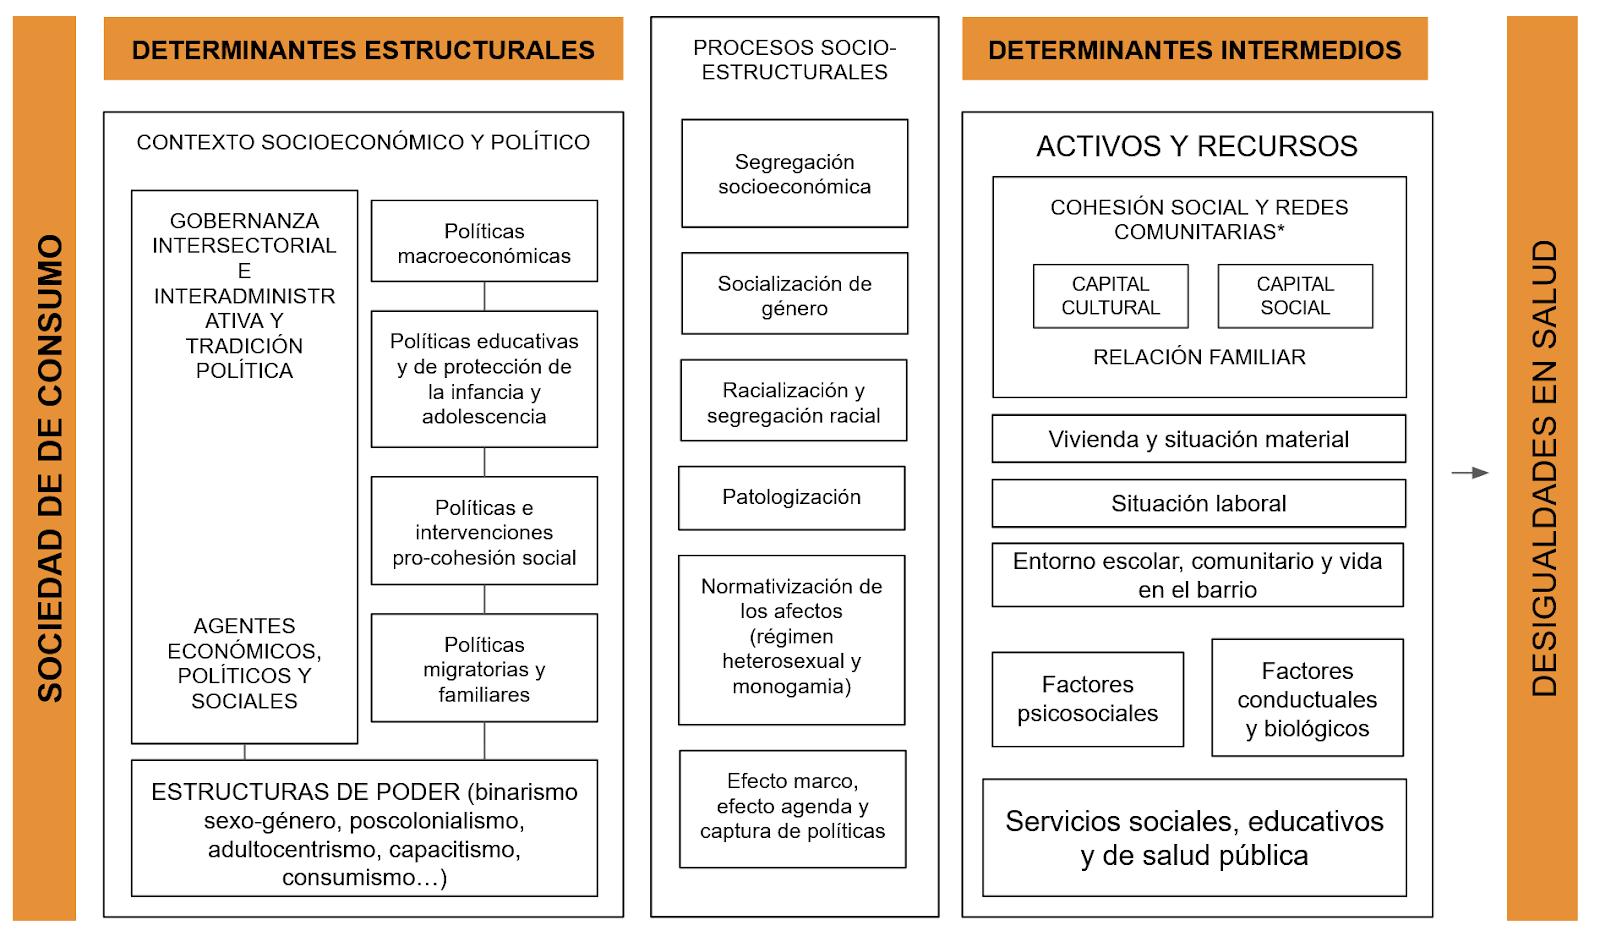 Marco conceptual propio de los determinantes sociales de la salud, elaborado a partir de: Wesp, L. M., Malcoe, L. H., Elliott, A., & Poteat, T. (2019); Comisión para Reducir las Desigualdades Sociales en Salud en España (2012); y Solar, O., & Irwin, A. (2018)